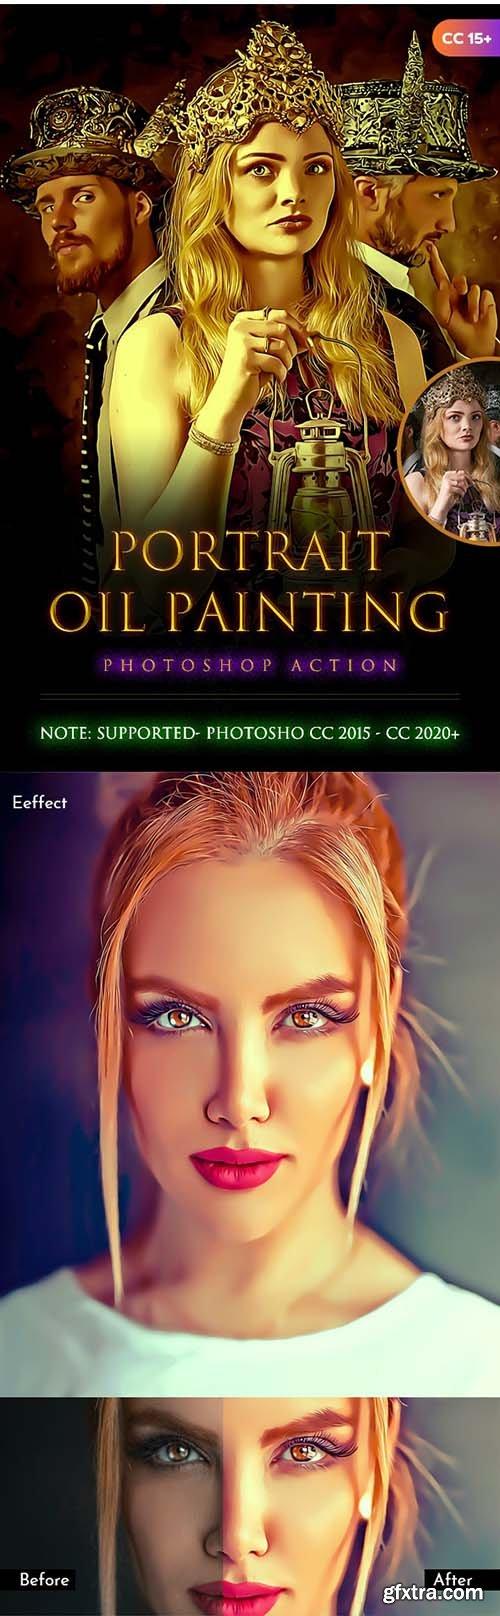 GraphicRiver - Portrait Oil Painting Action 28368558